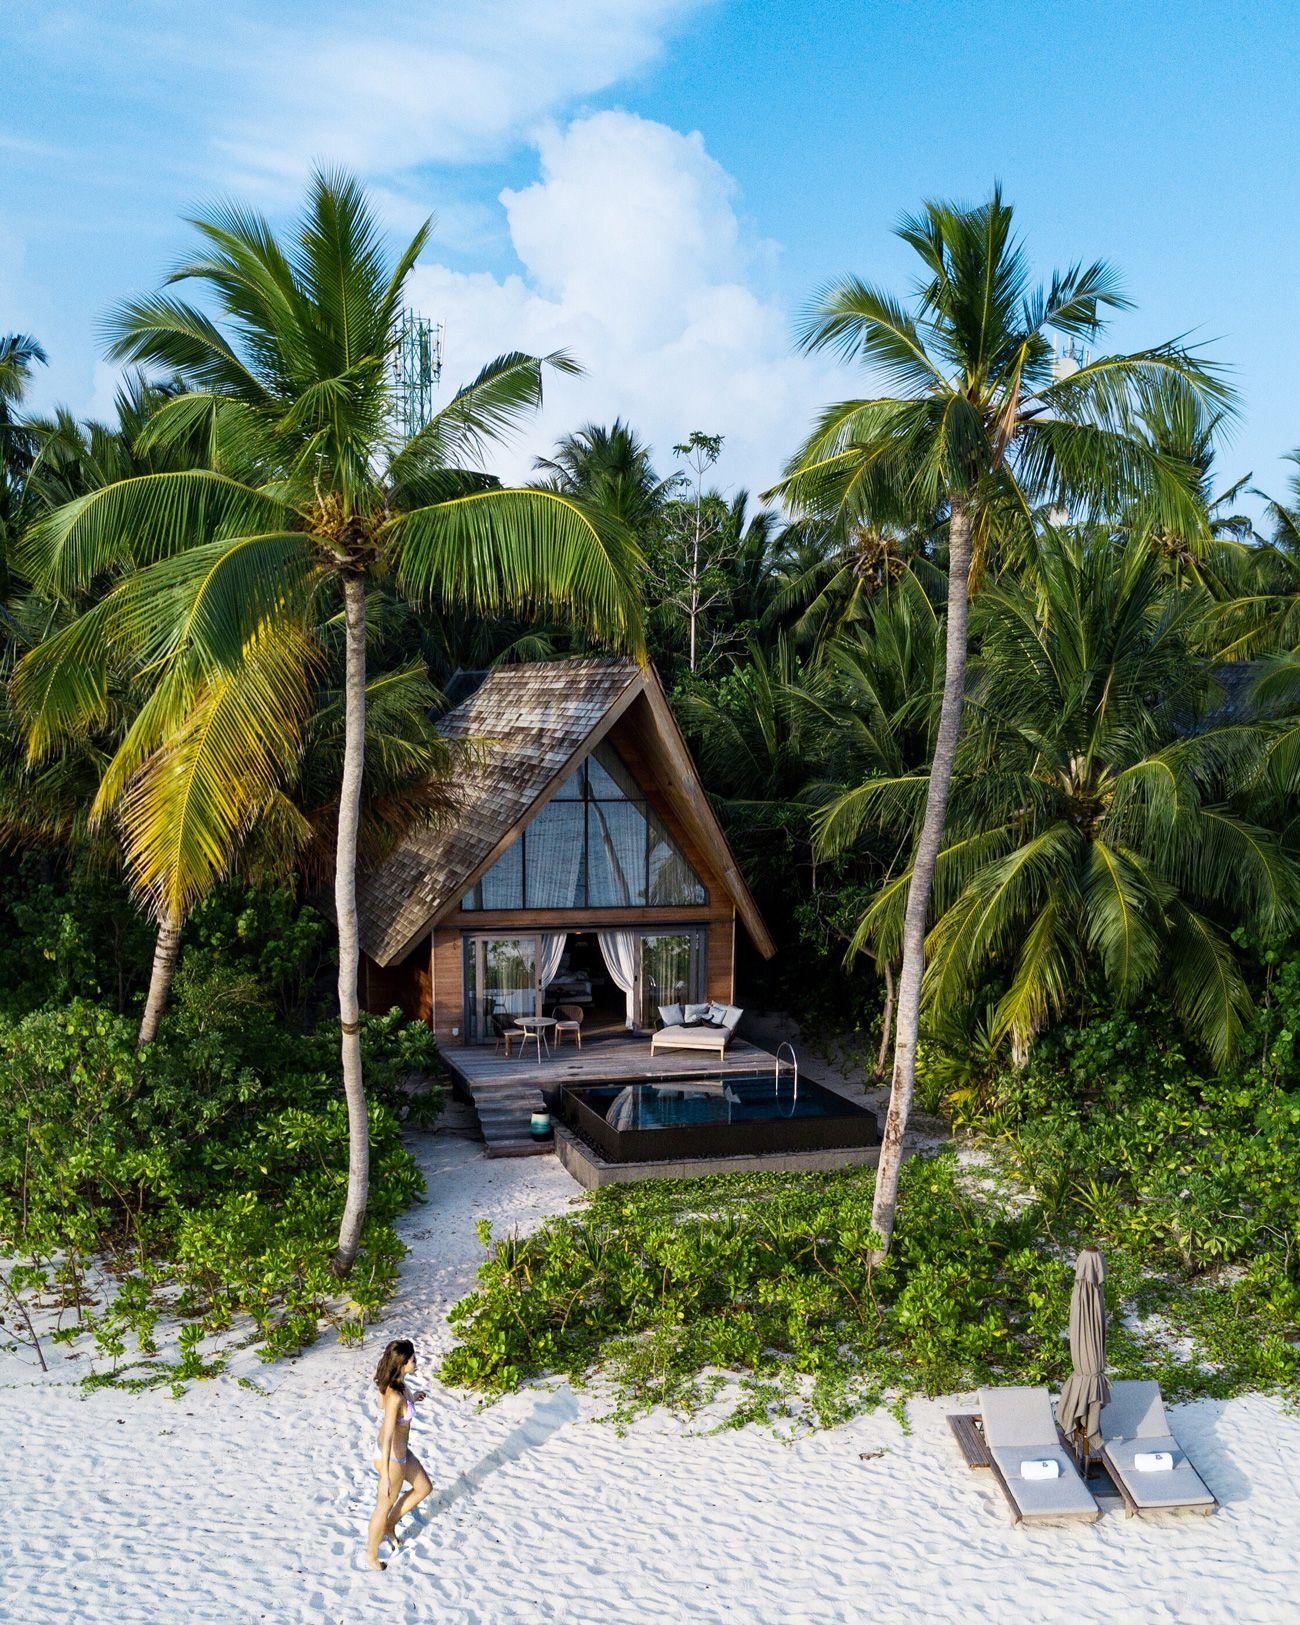 Erste Reiseeindrücke von den Malediven #strandhuis